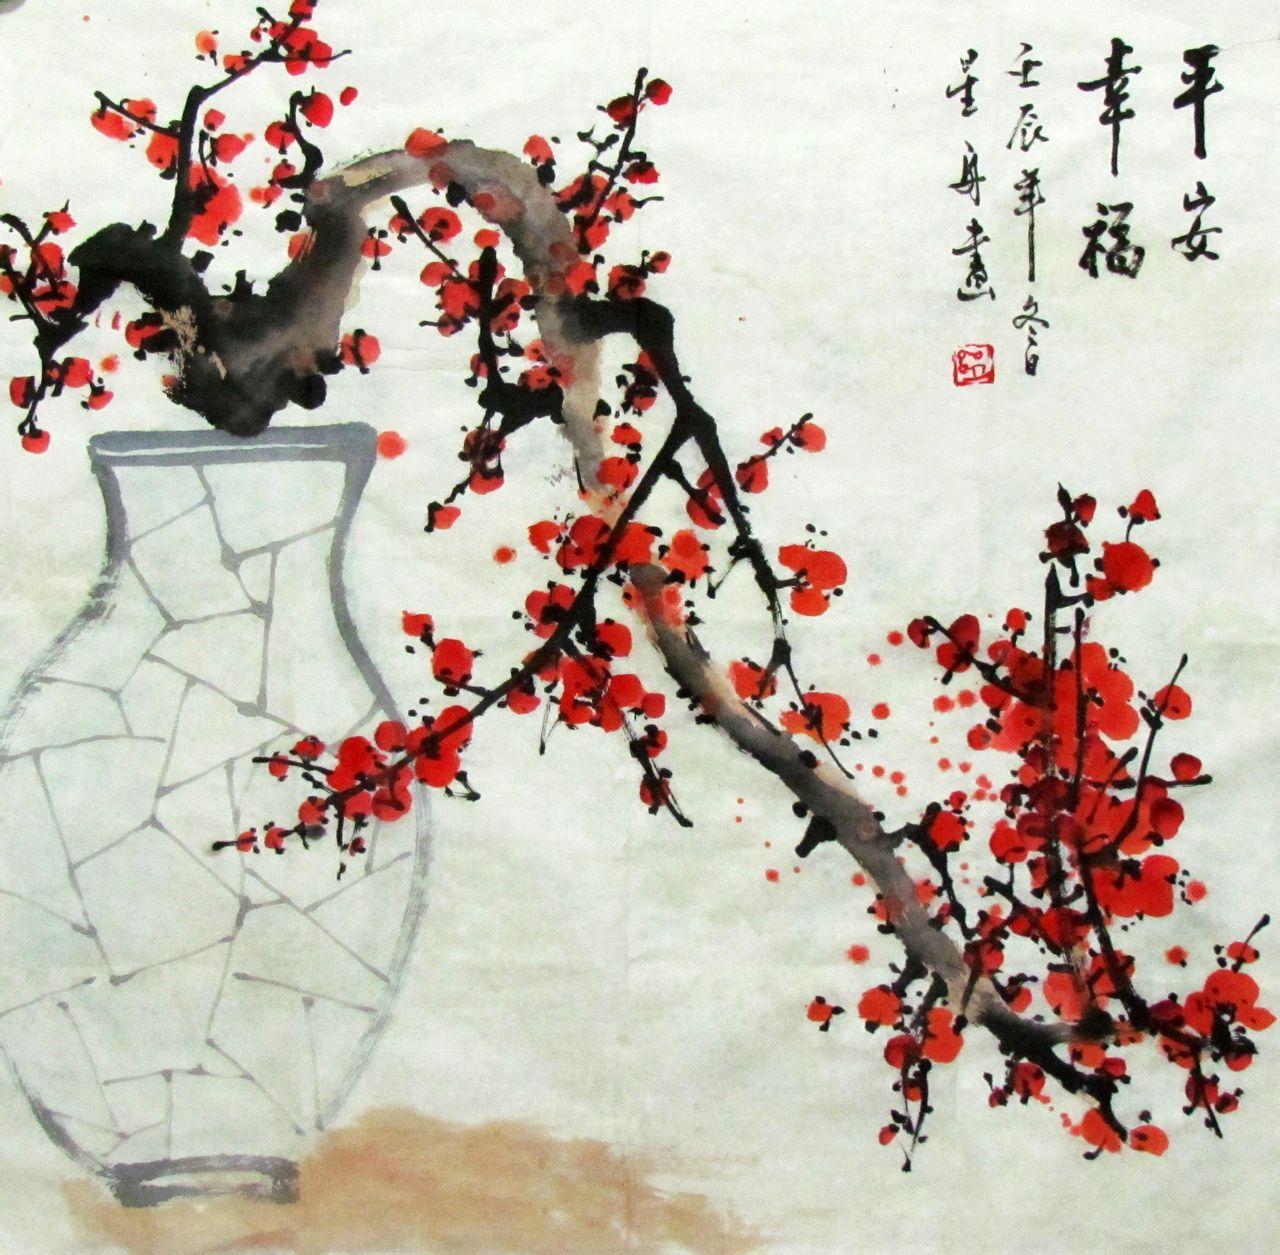 画梅花最好的画家是谁分享展示图片